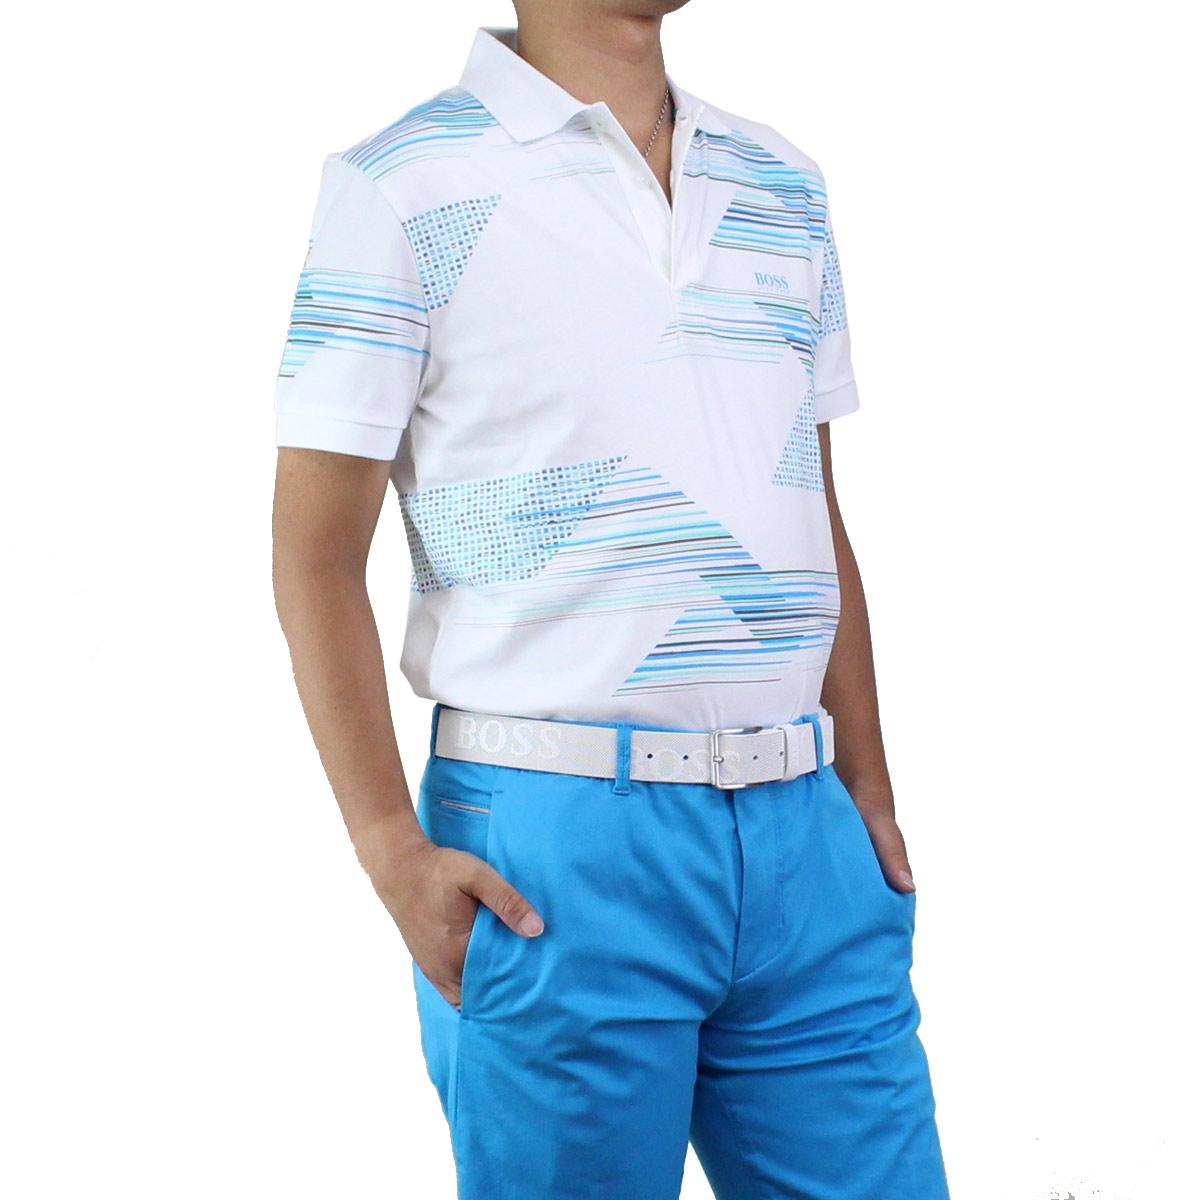 e029f295b Bighit The total brand wholesale: Hugo Boss HUGO BOSS PAULE 6 poles 6 polo  shirt short sleeves golf wear 50406570 10210510 100 white system men |  Rakuten ...